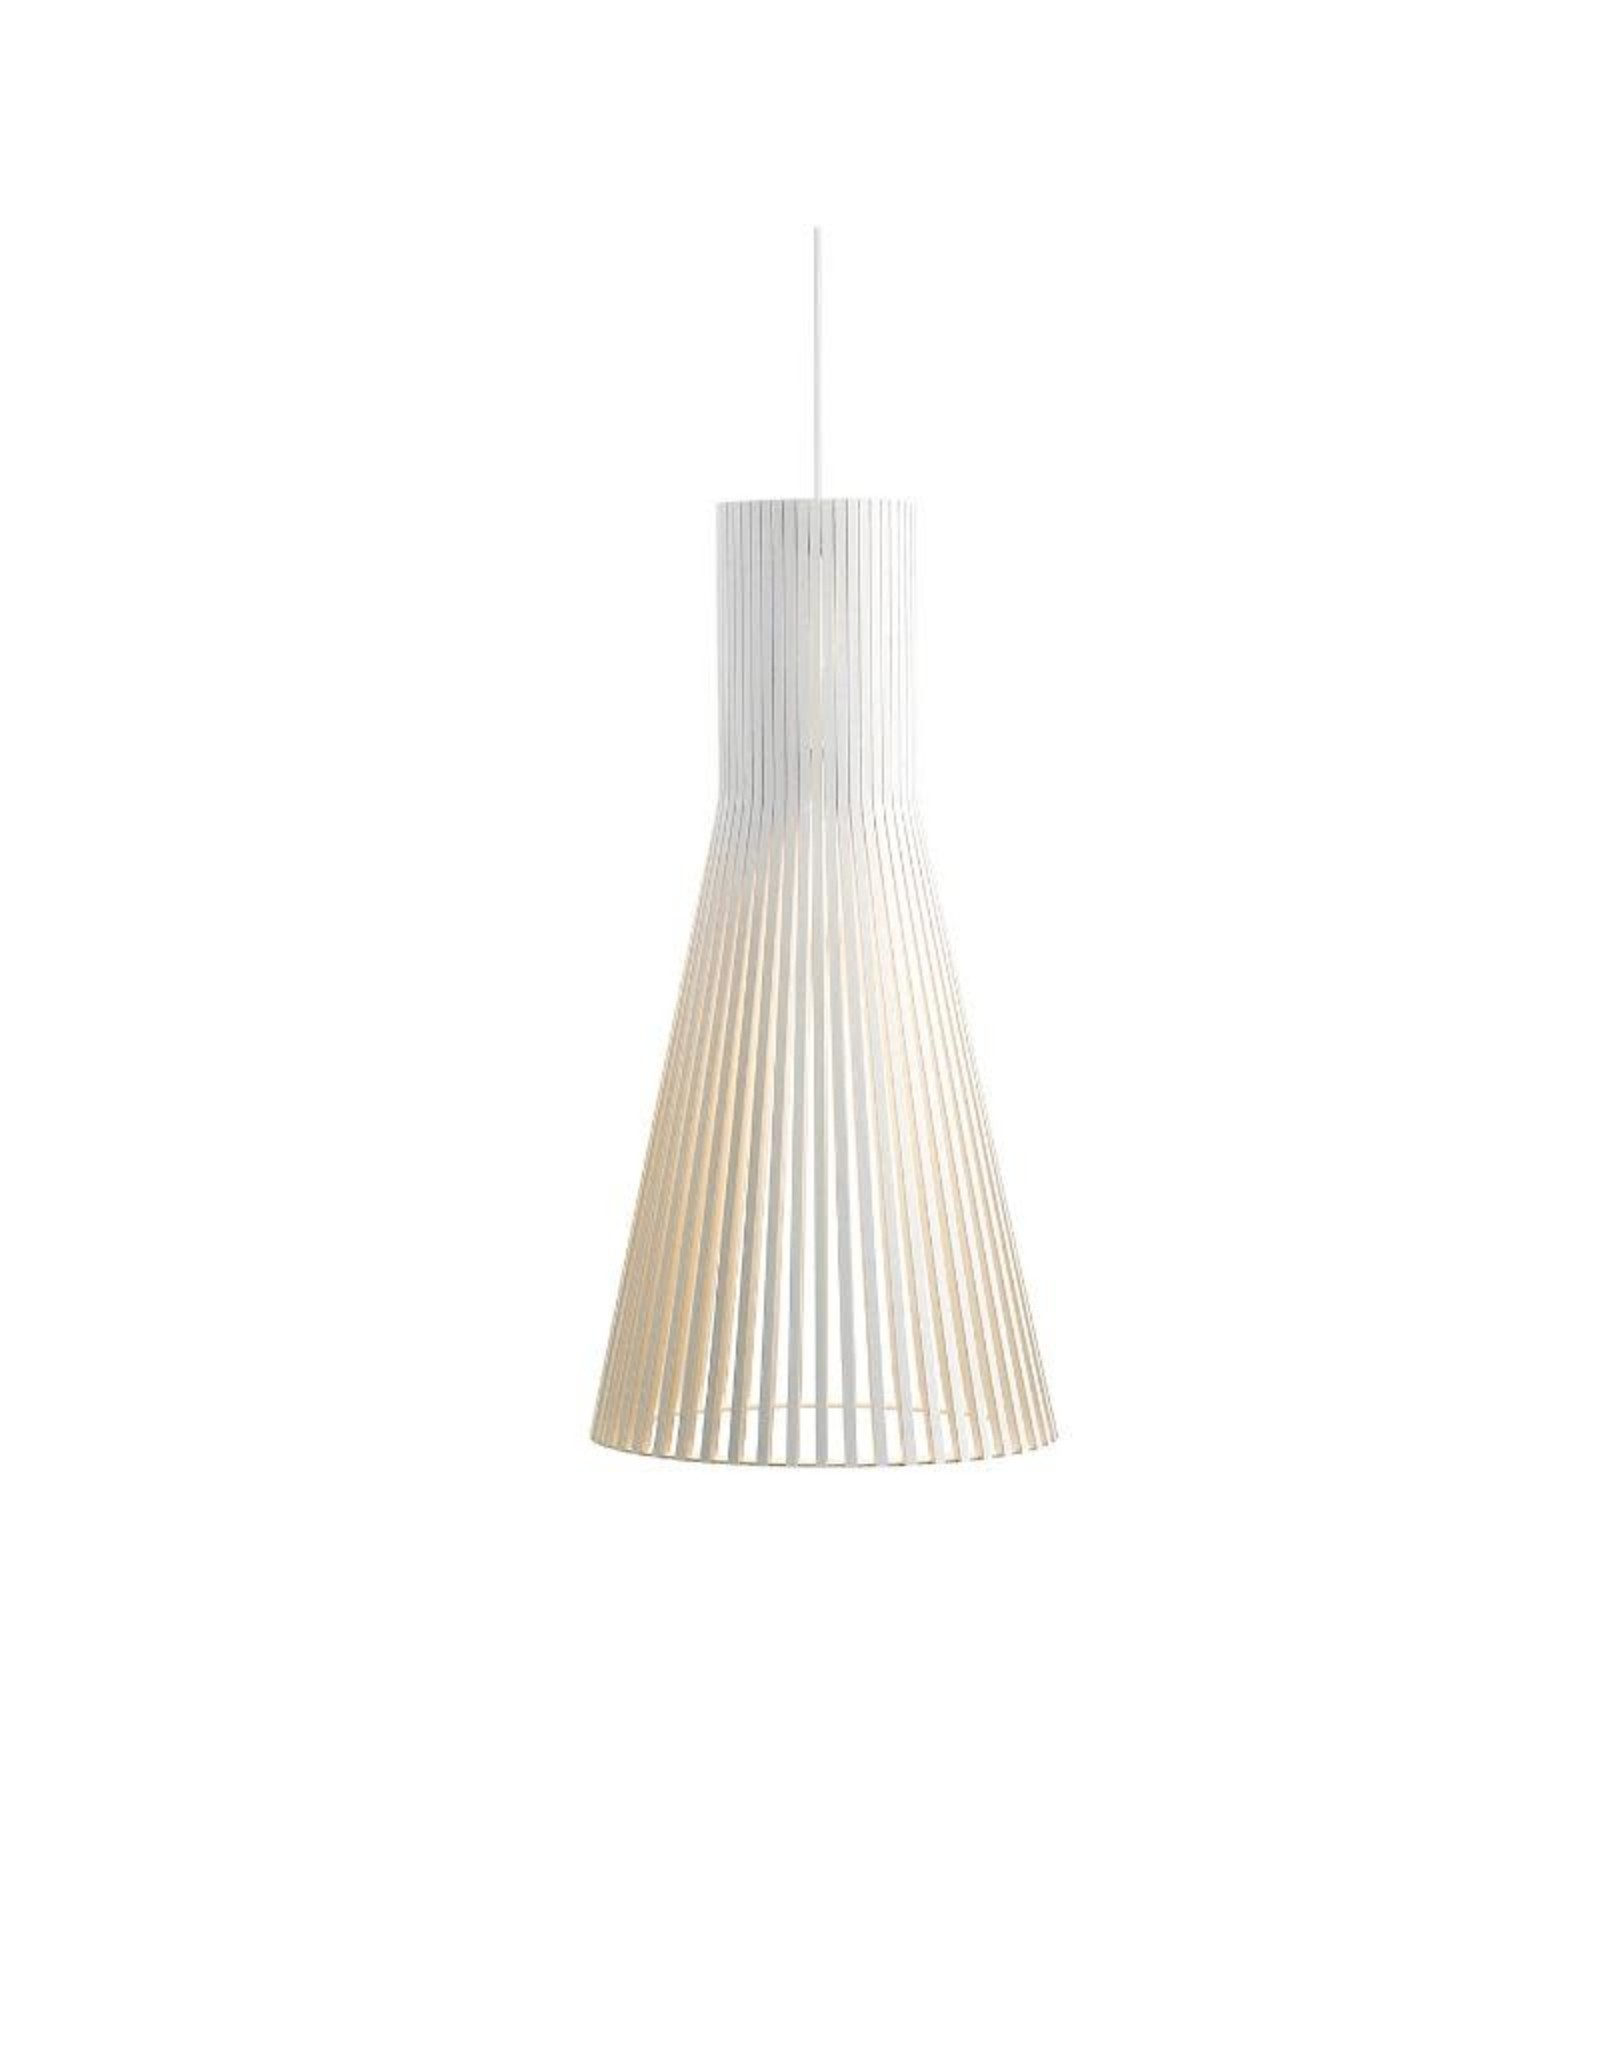 SECTO DESIGN SECTO 4200 PENDANT LAMP